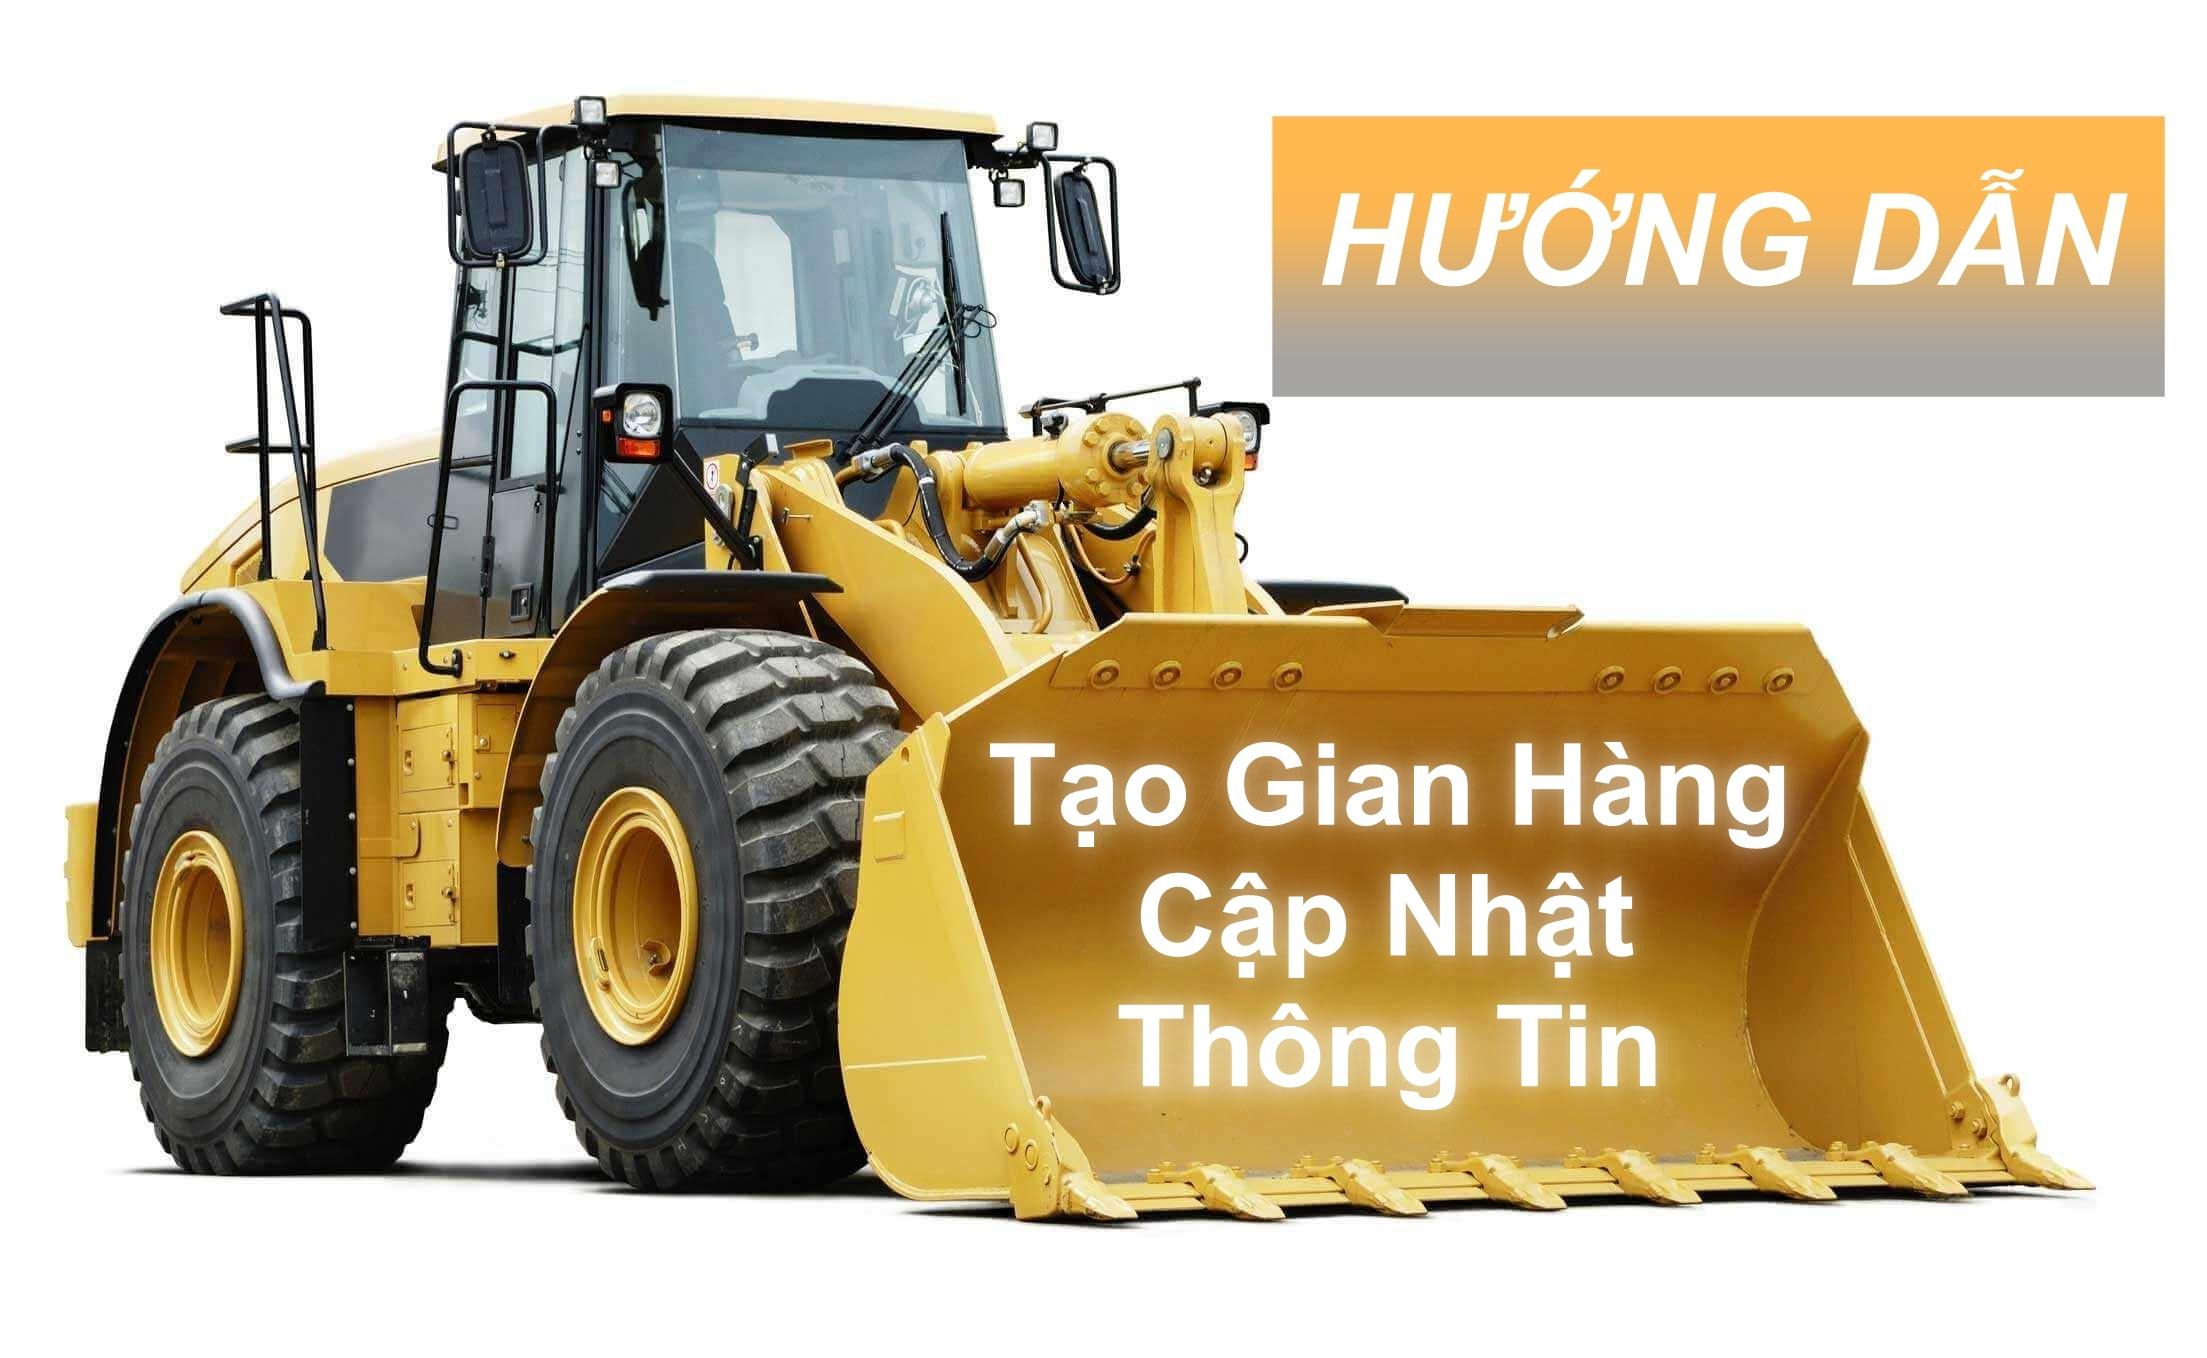 Hướng Dẫn Tạo Gian Hàng Trên Website Hanoma.vn